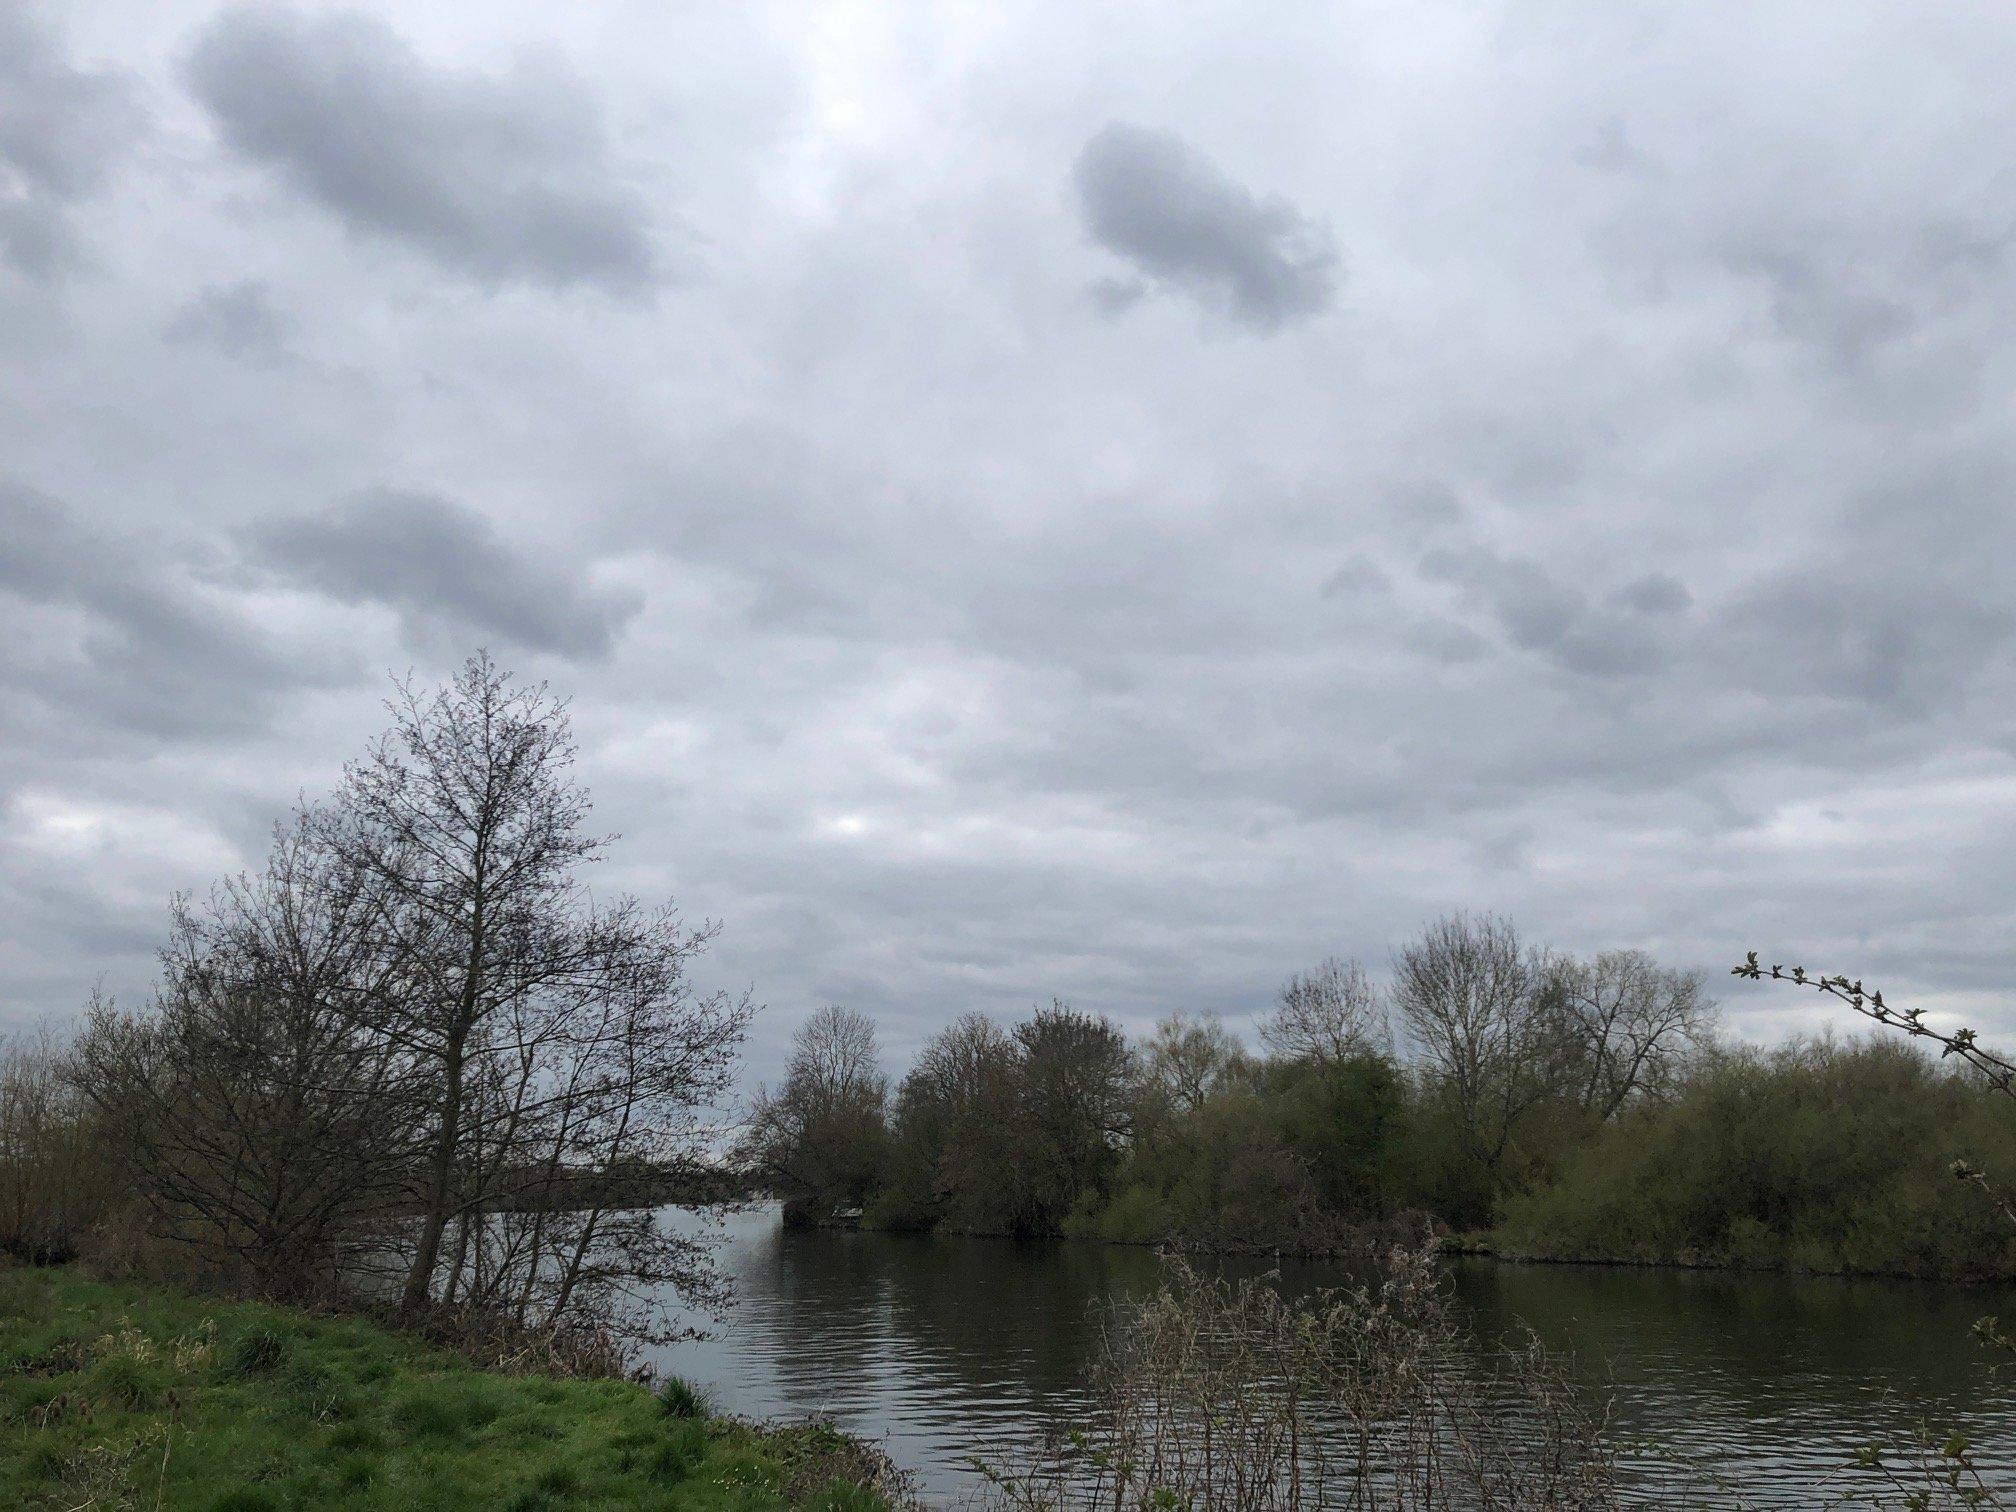 Walking at Thames Valley Park